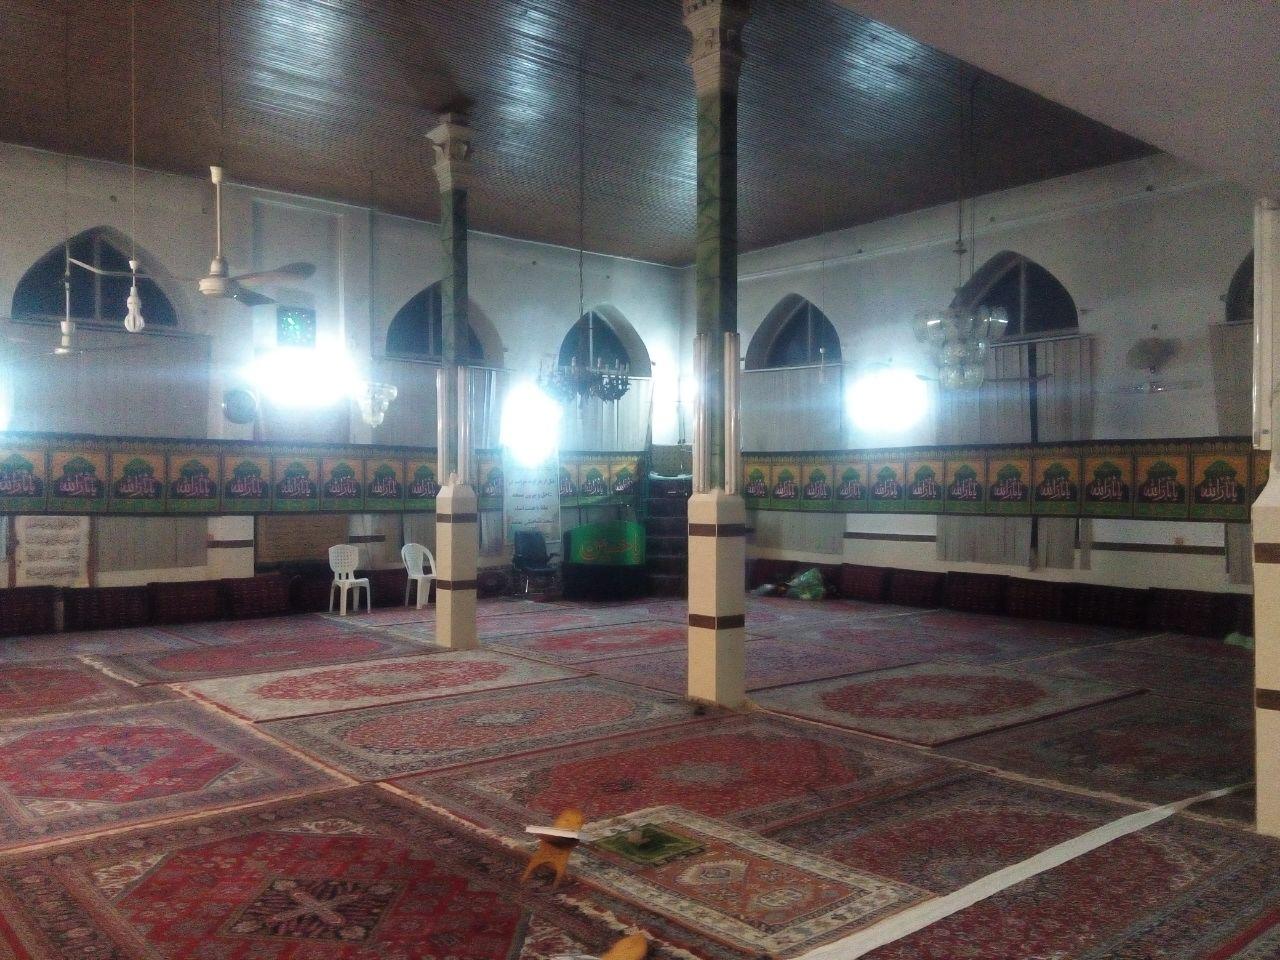 تصاویری از آماده سازی مسجد جامع گیلاکجان بمنظور اقامه عزای حسینی ۱۳۹۵